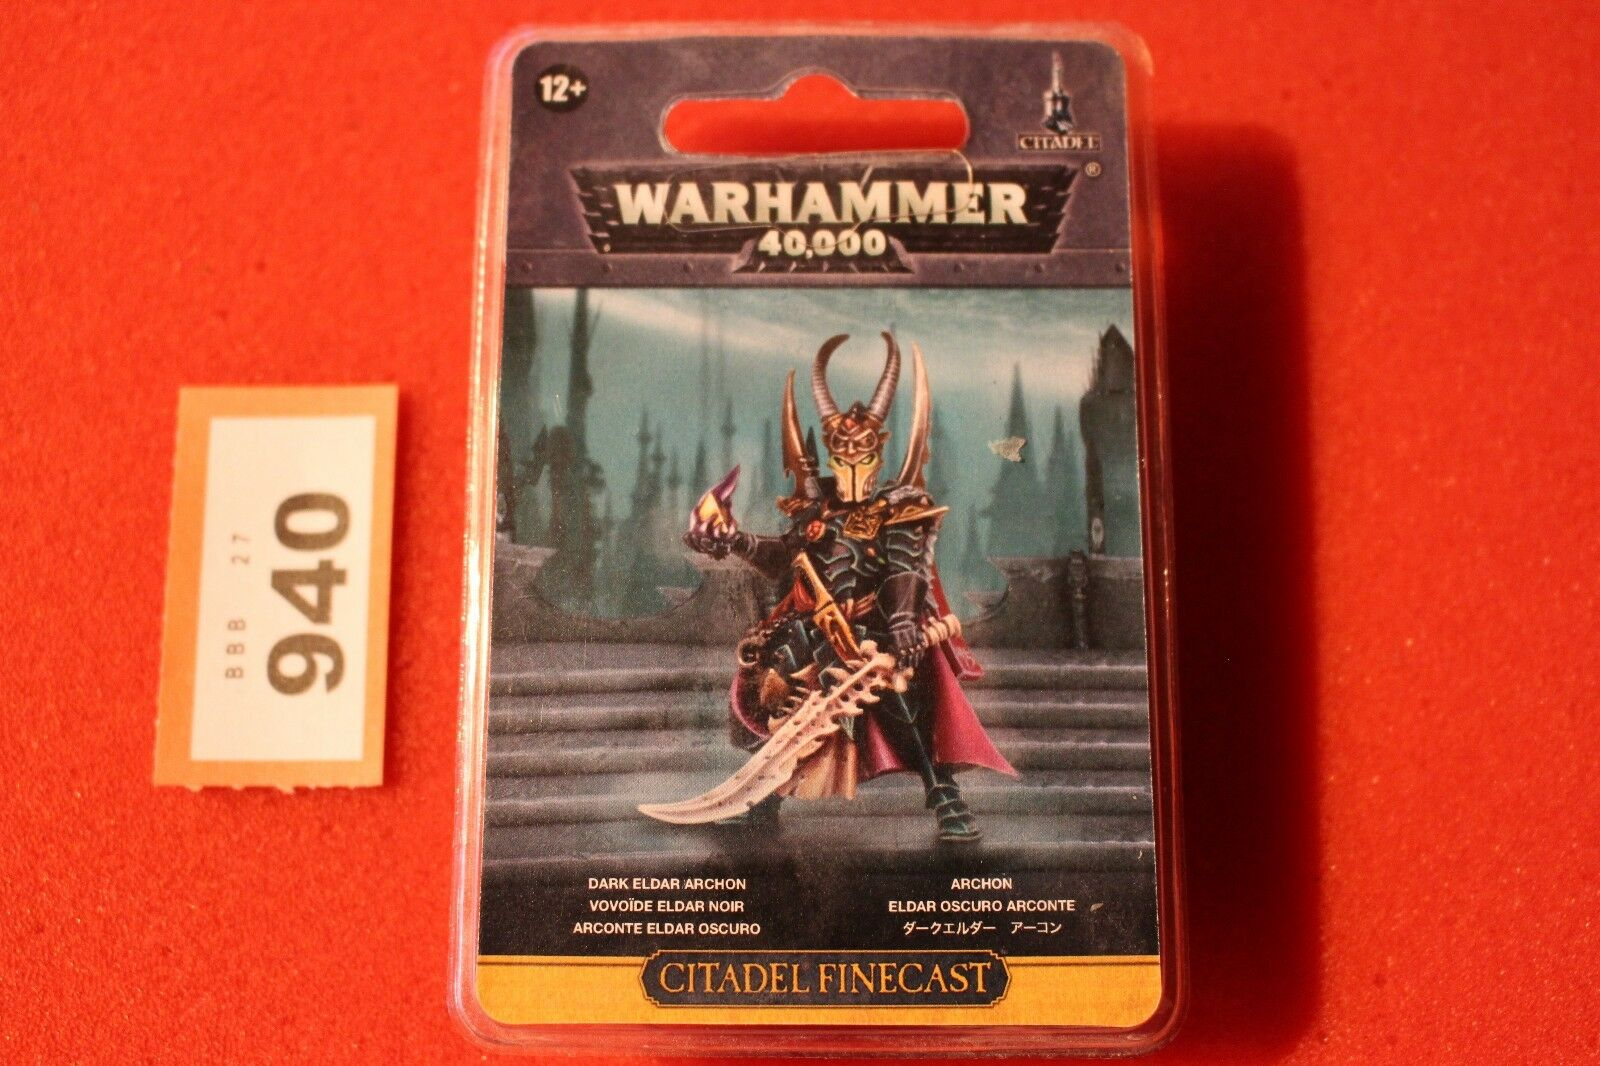 giocos lavoronegozio WARHAMMER 40K Dark Eldar Arconte Finecast  nuovo NUOVO con scatola fuori catalogo GW WH40K  il più alla moda